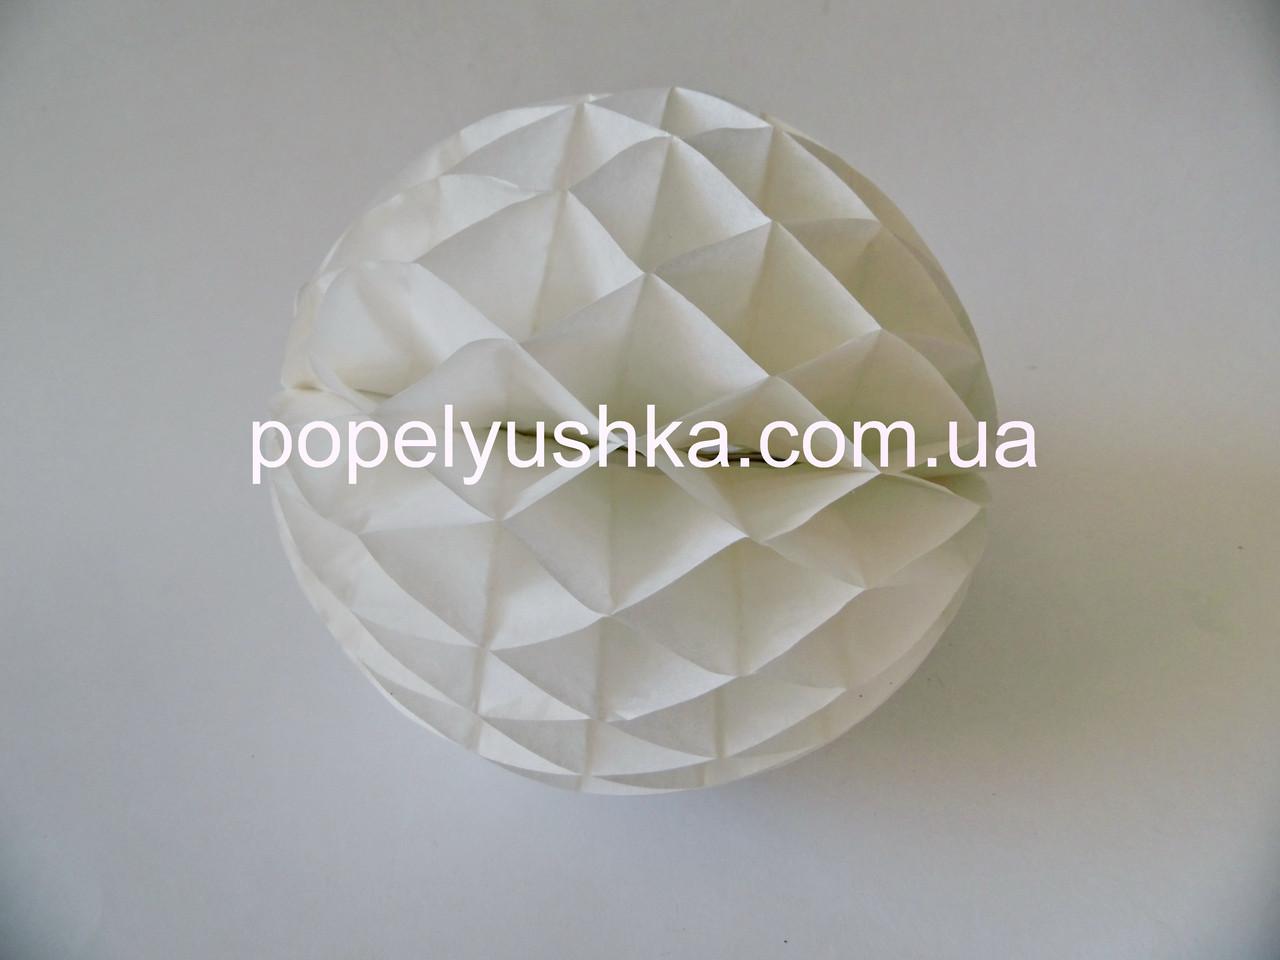 Кулька -соти 15 см. Білий